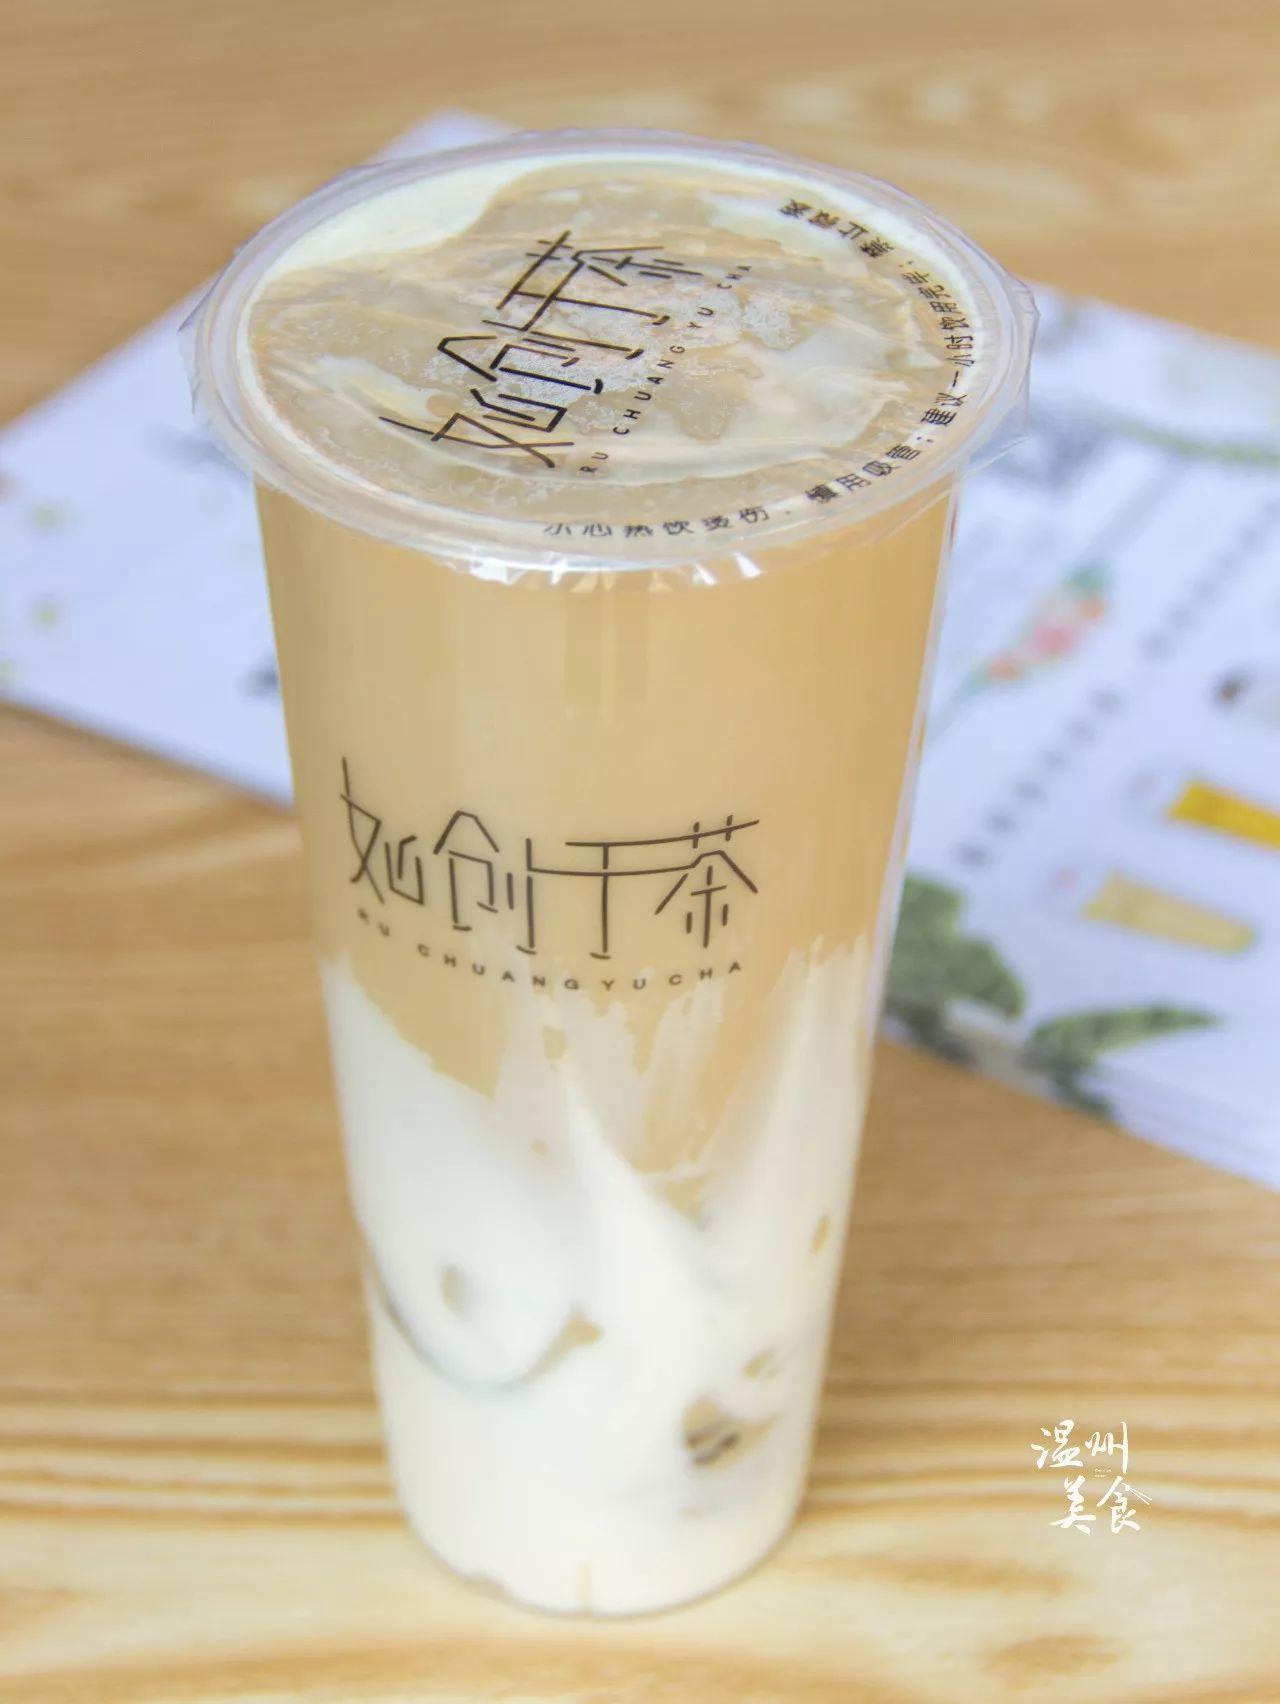 QQ来一杯奶茶加盟费多少钱拜托了各位 谢谢